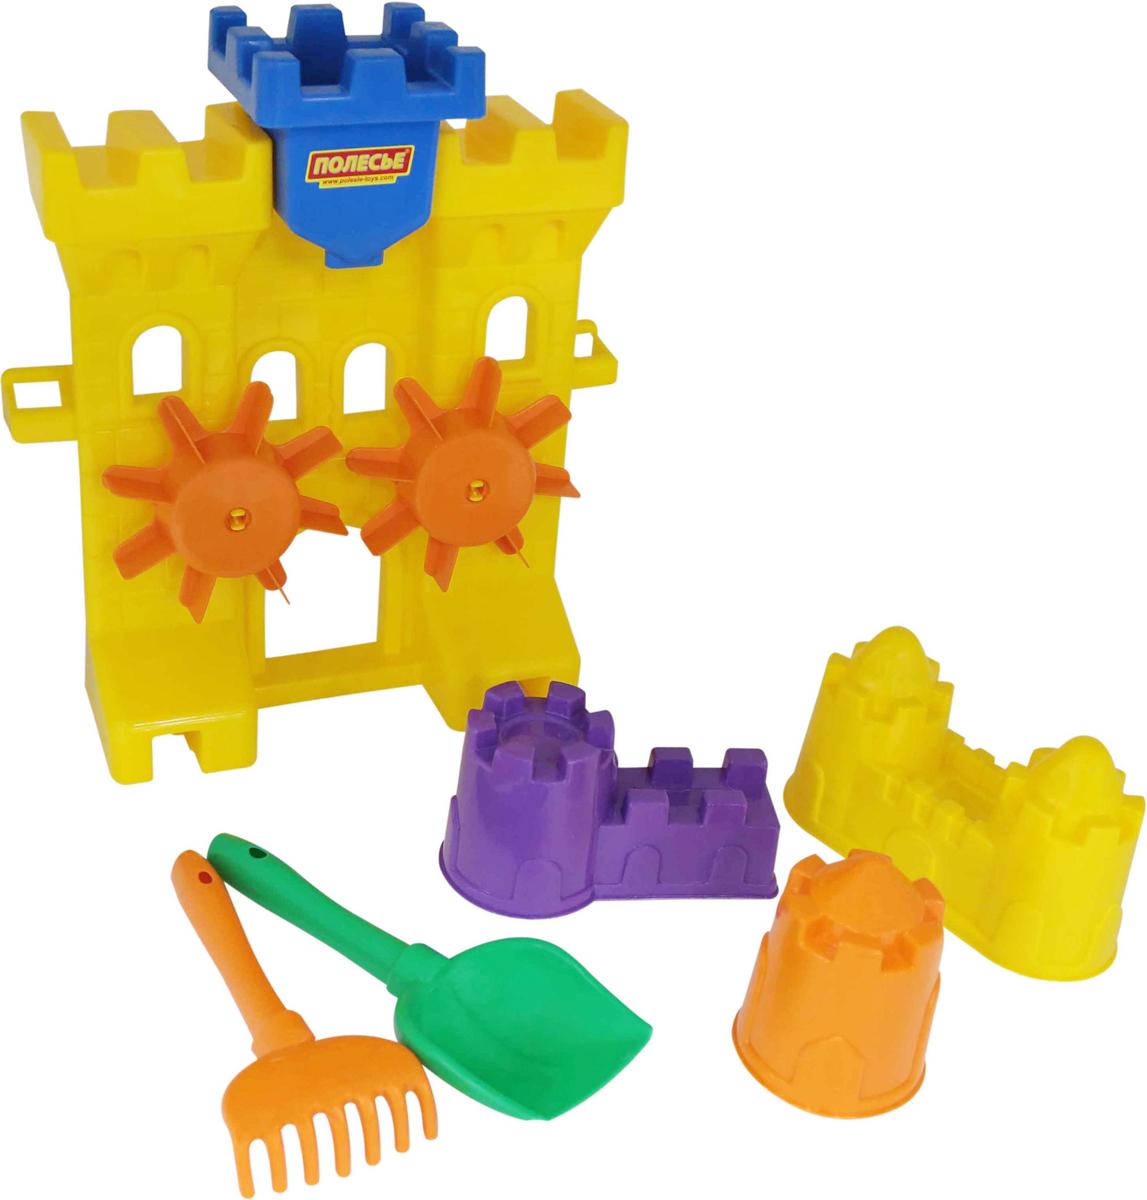 Полесье Набор игрушек для песочницы №466 полесье набор для песочницы 340